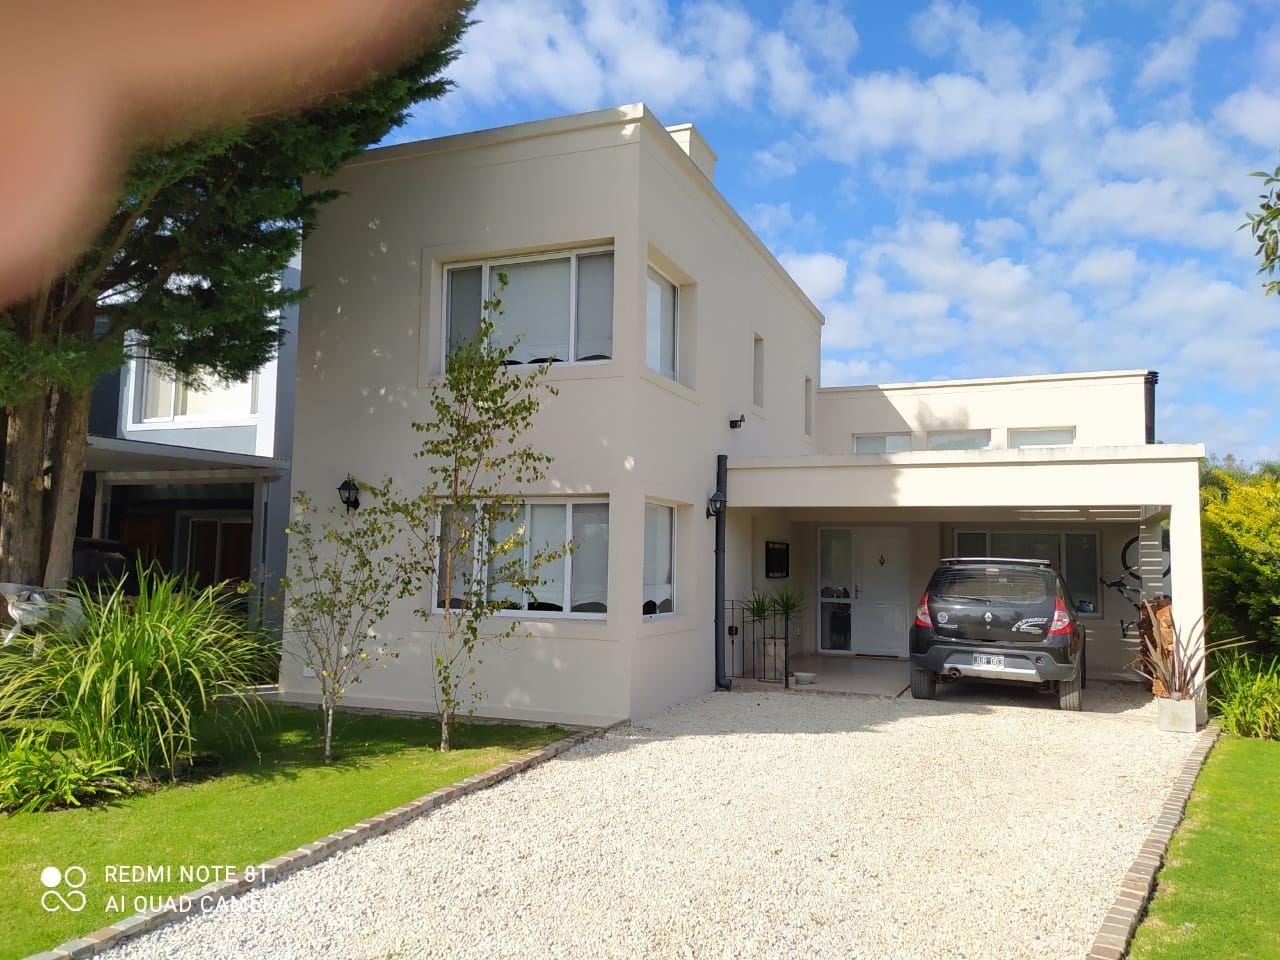 Casa en venta Chascomús 4 ambientes